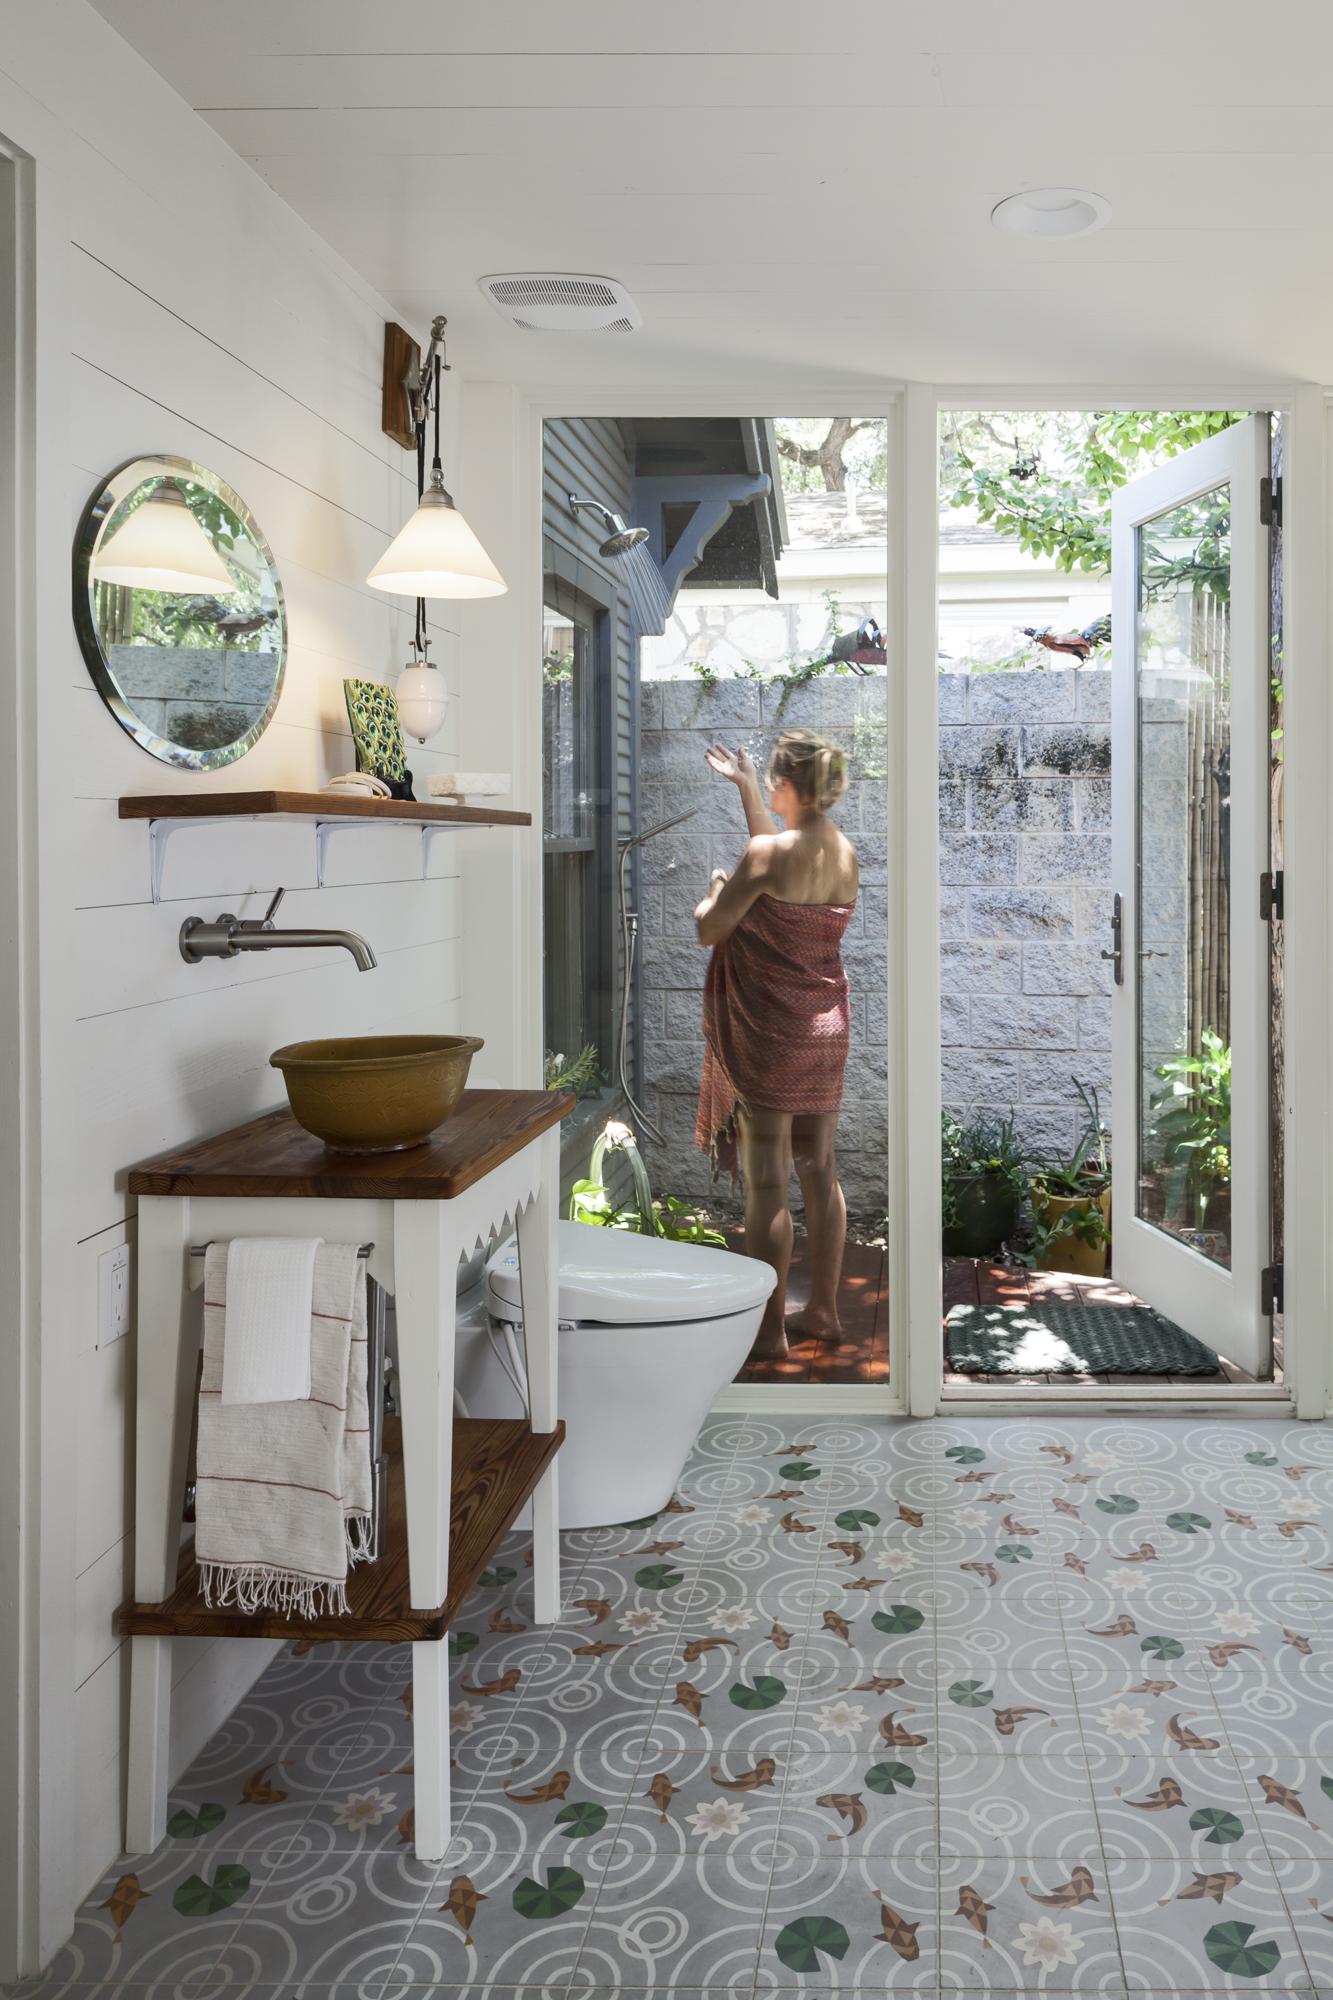 Elizabeth-Baird-Architecture-Annie Street-outdoor shower.jpg